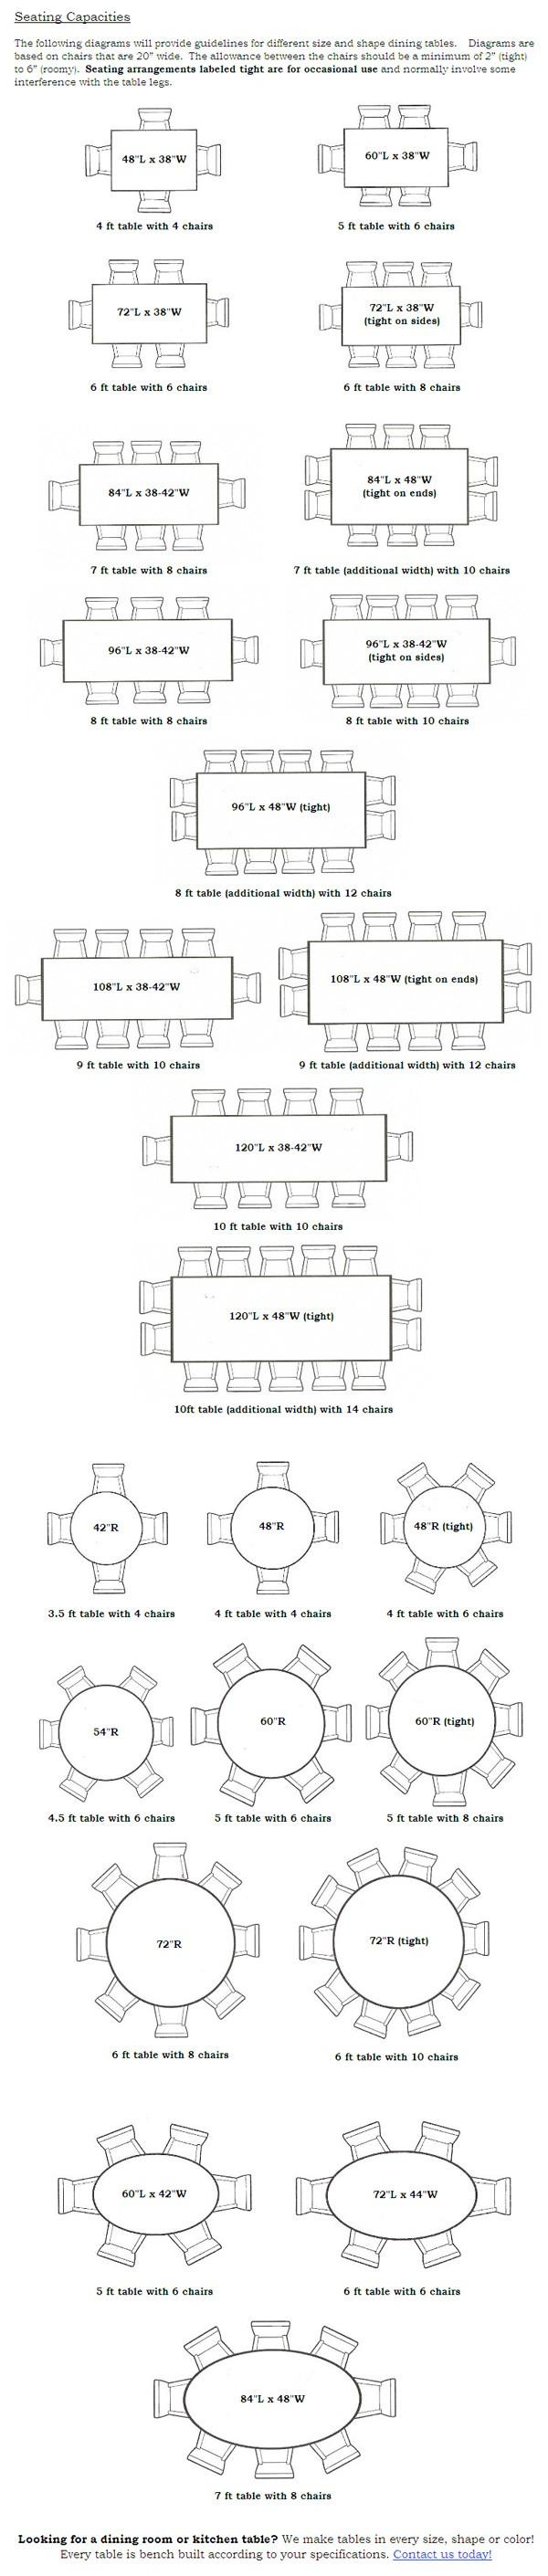 Seating Capacity Image Mag